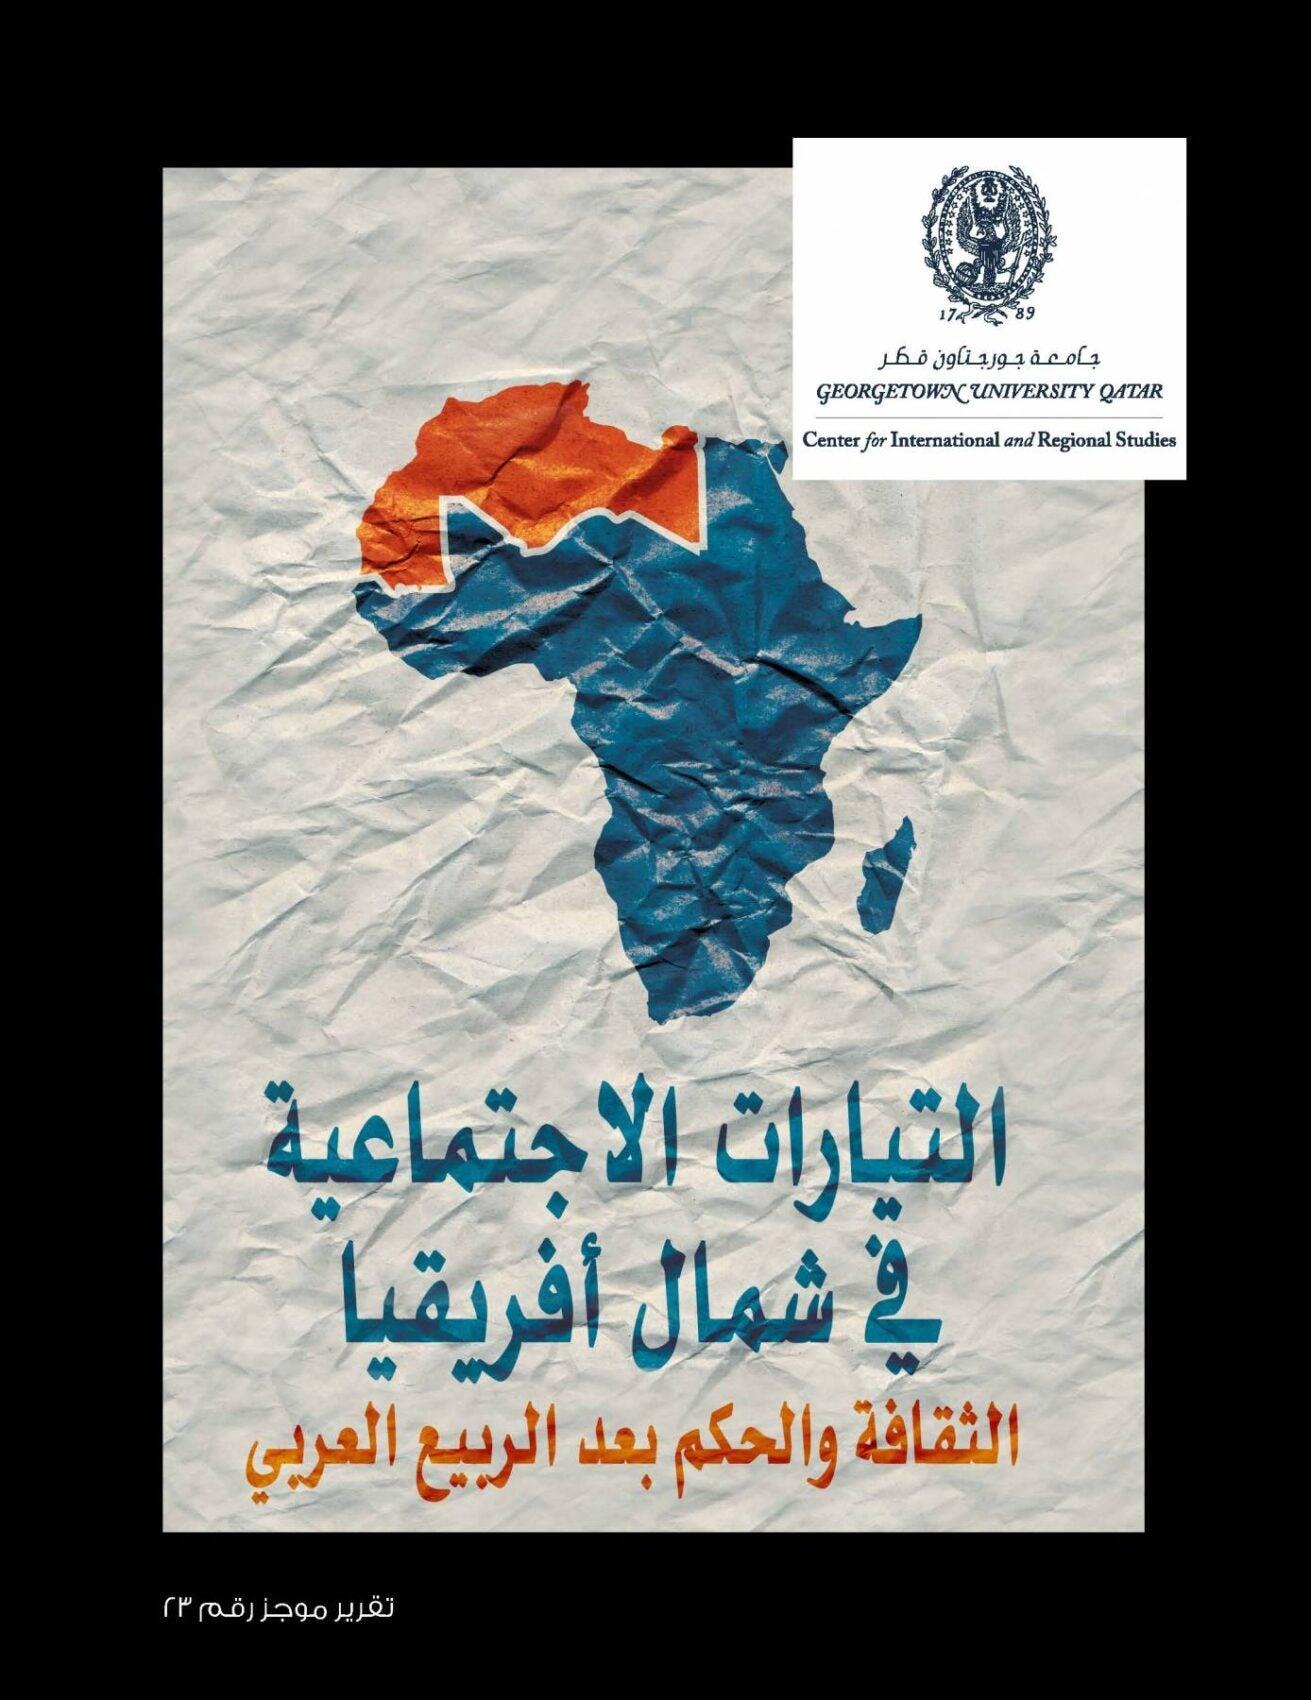 التيّارات الاجتماعية في شمال أفريقيا